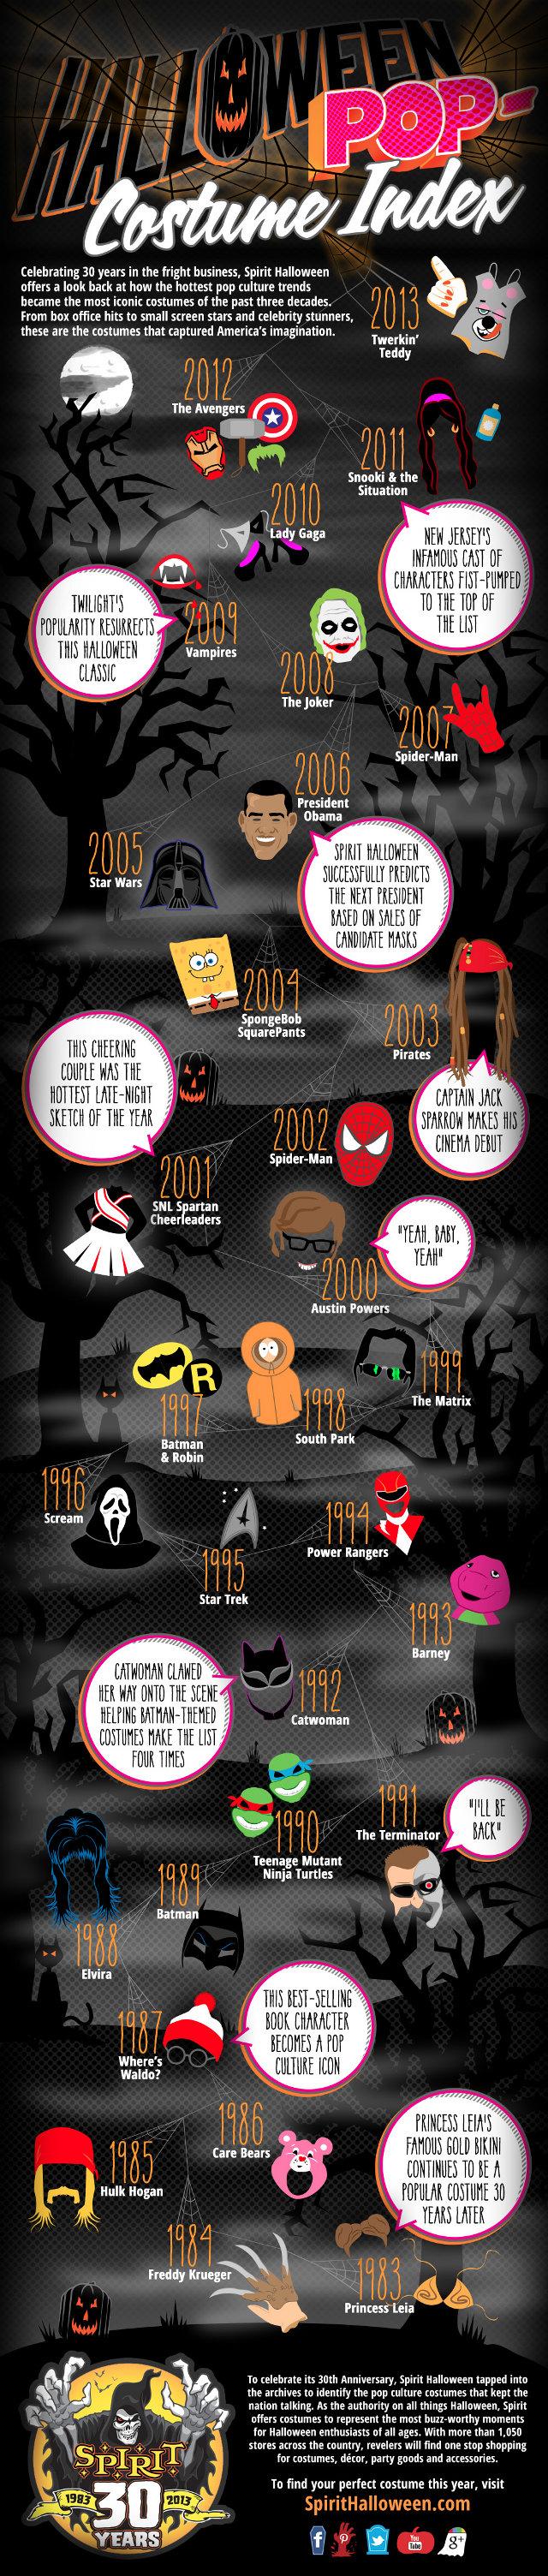 Fantasias mais usadas no Halloween nos últimos 30 anos